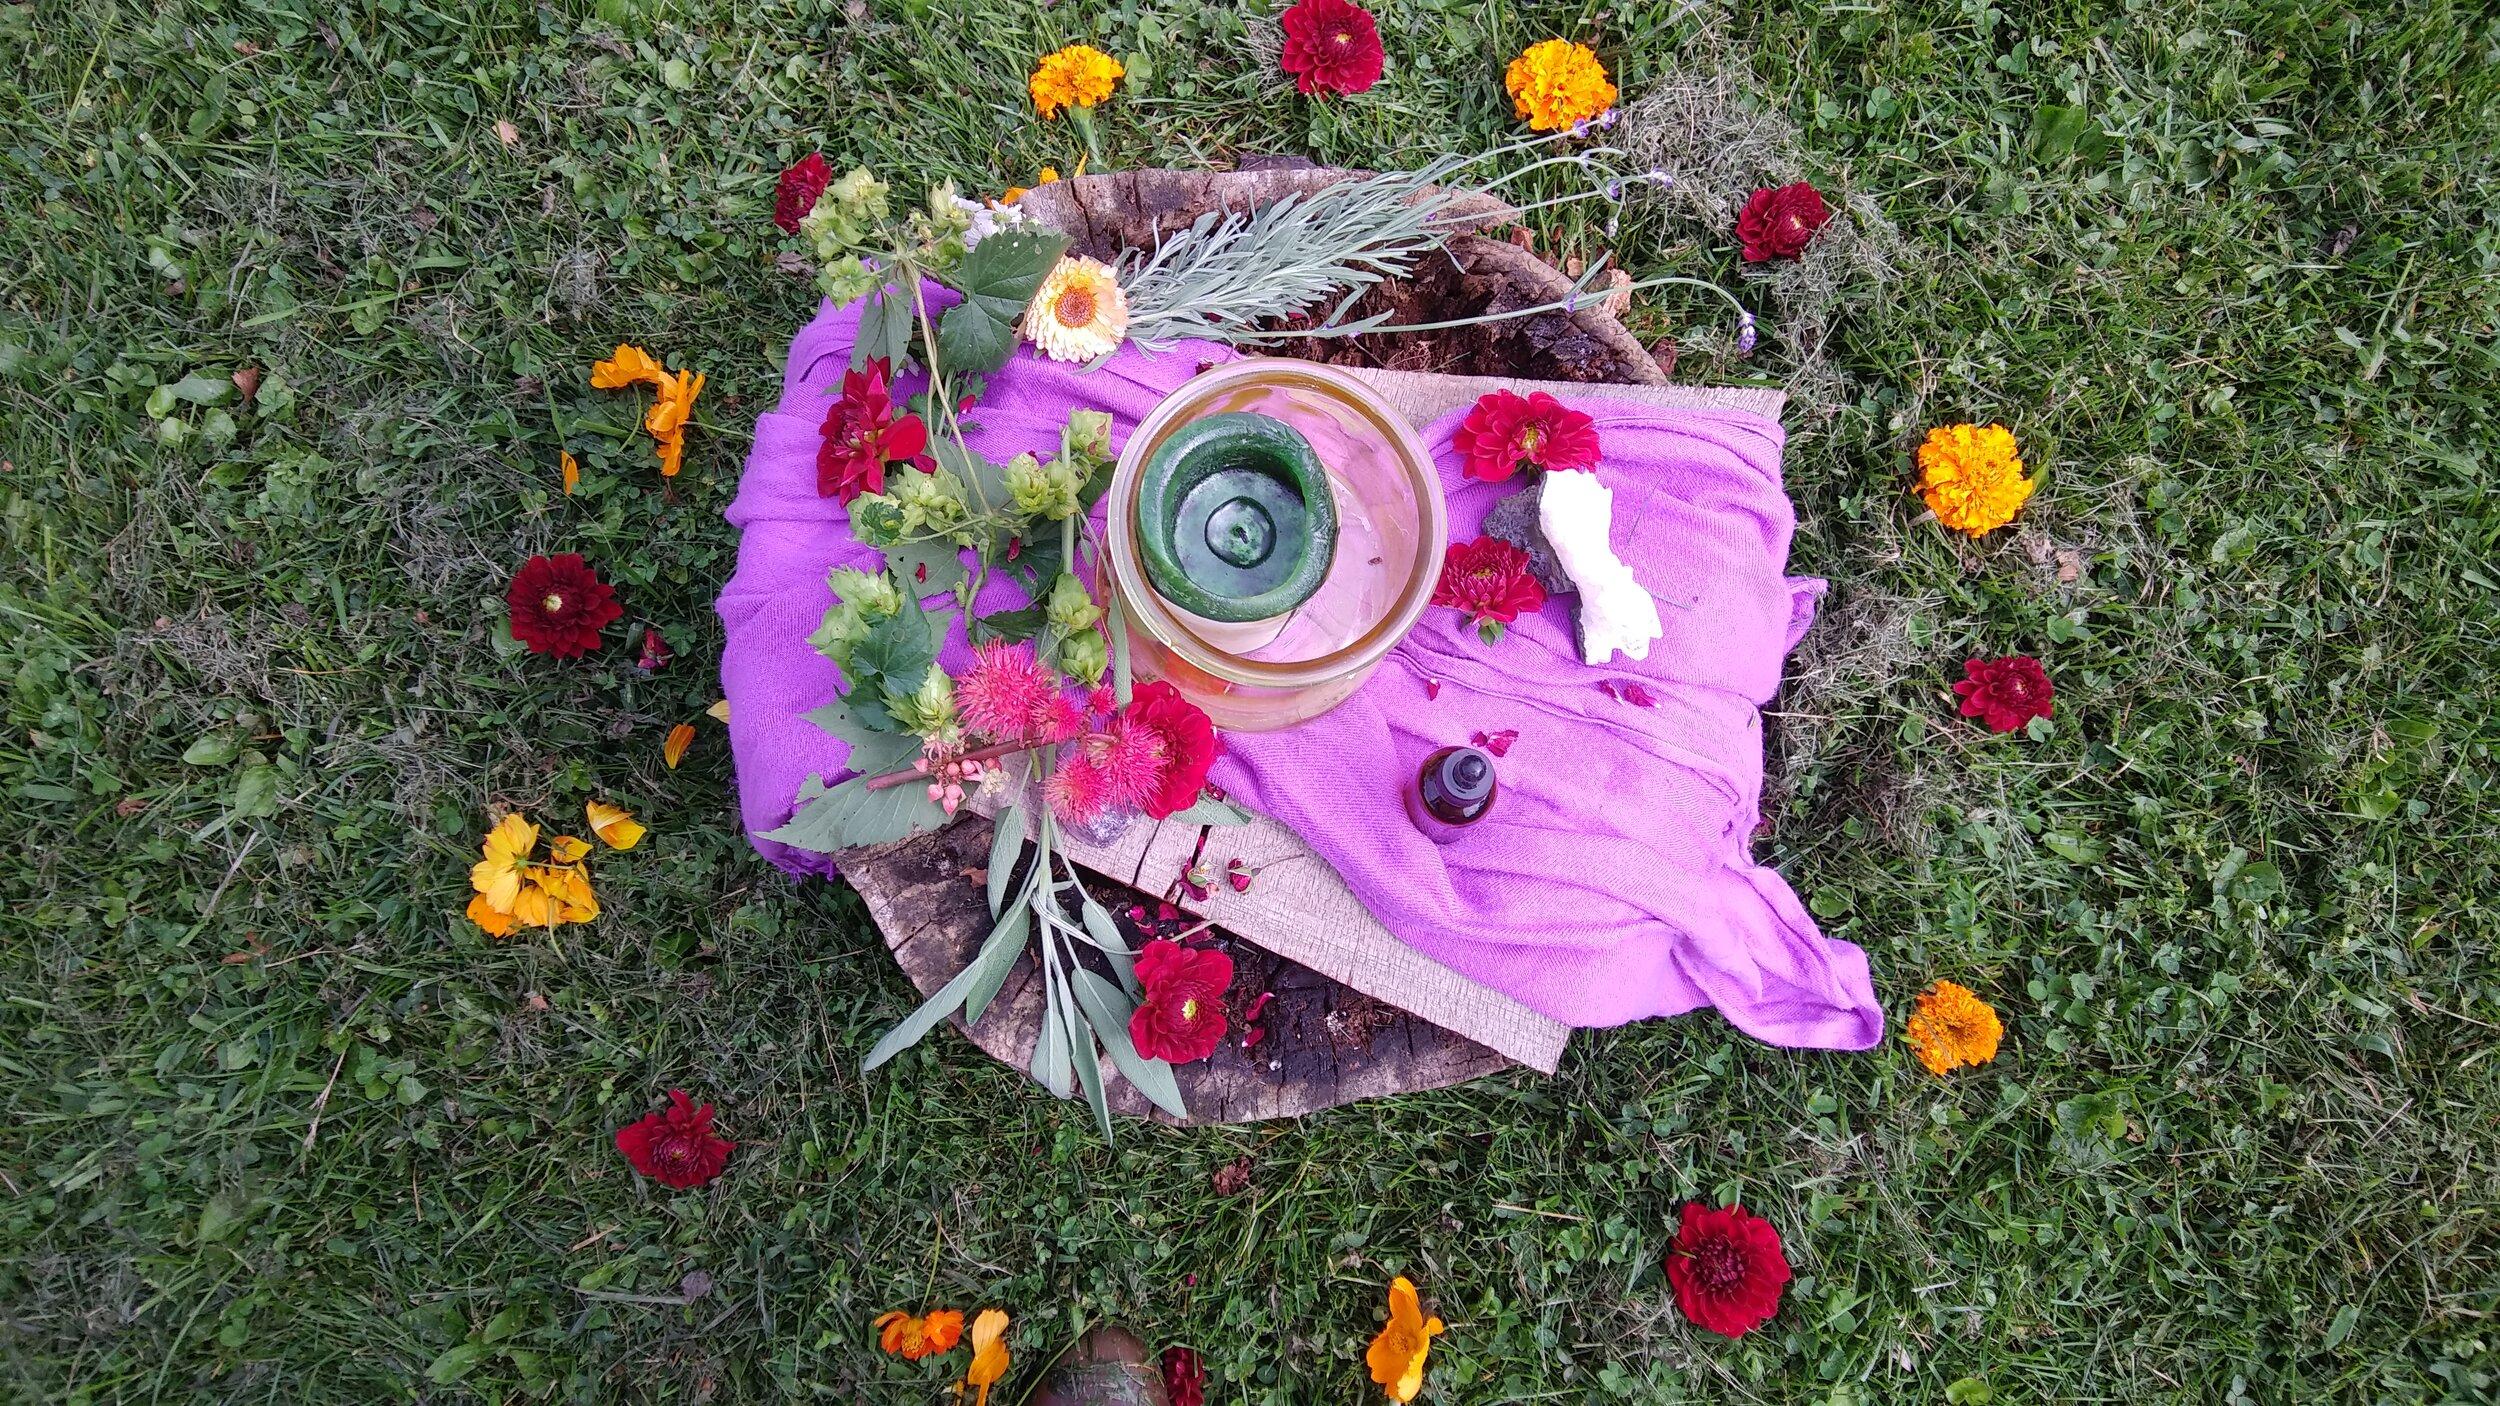 flower 'altar' for group meditation 8 - 25 - 19.jpg